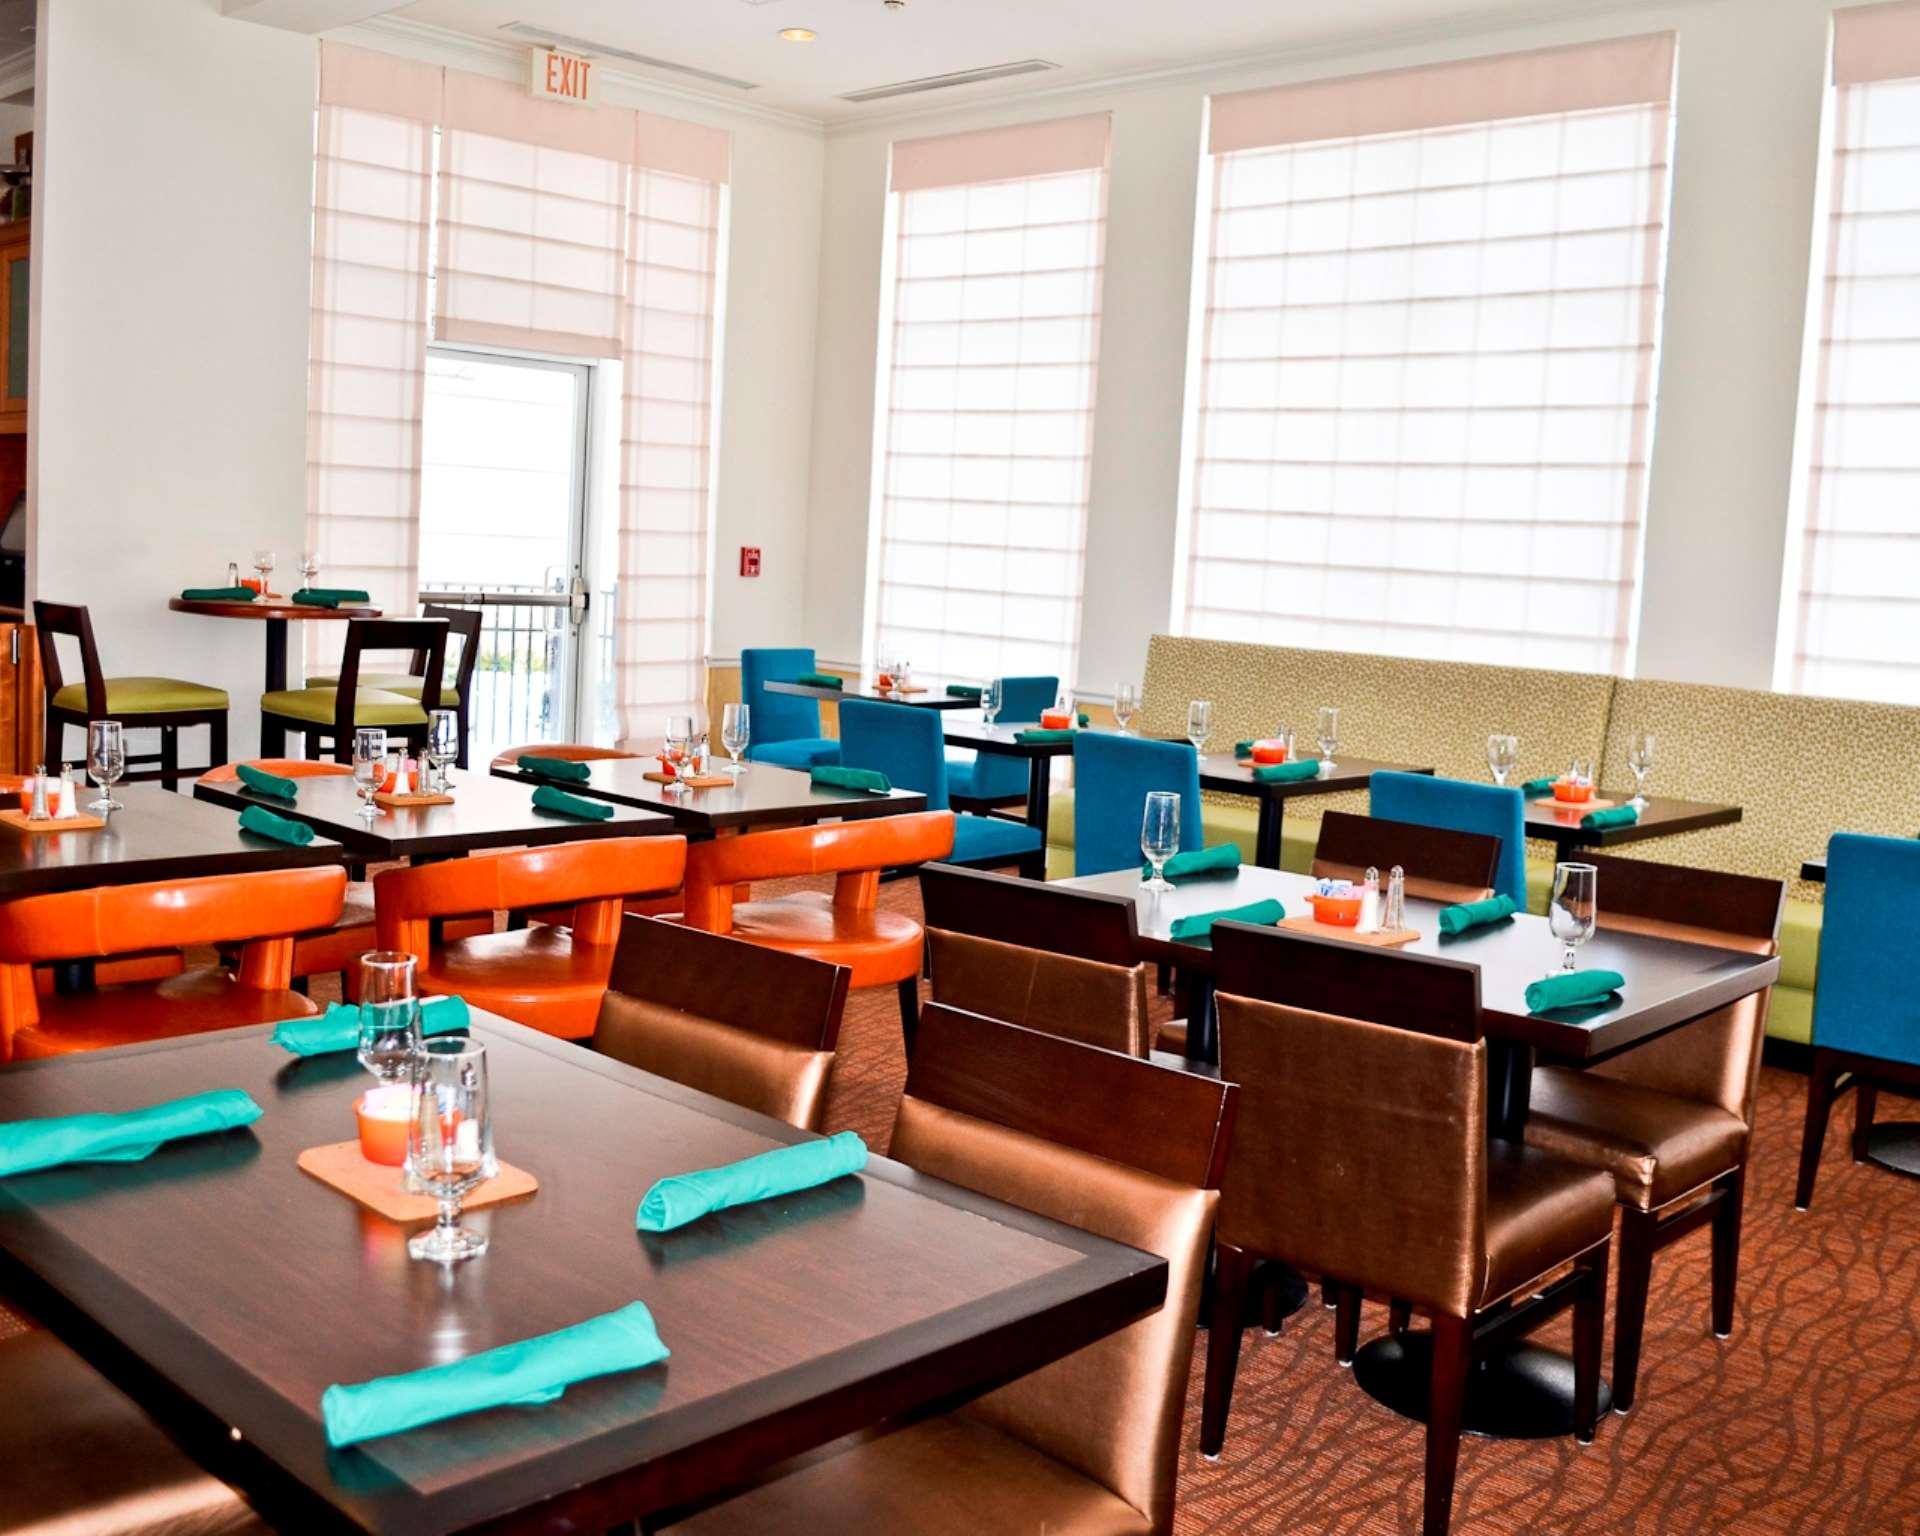 Hilton Garden Inn Cincinnati Northeast image 10